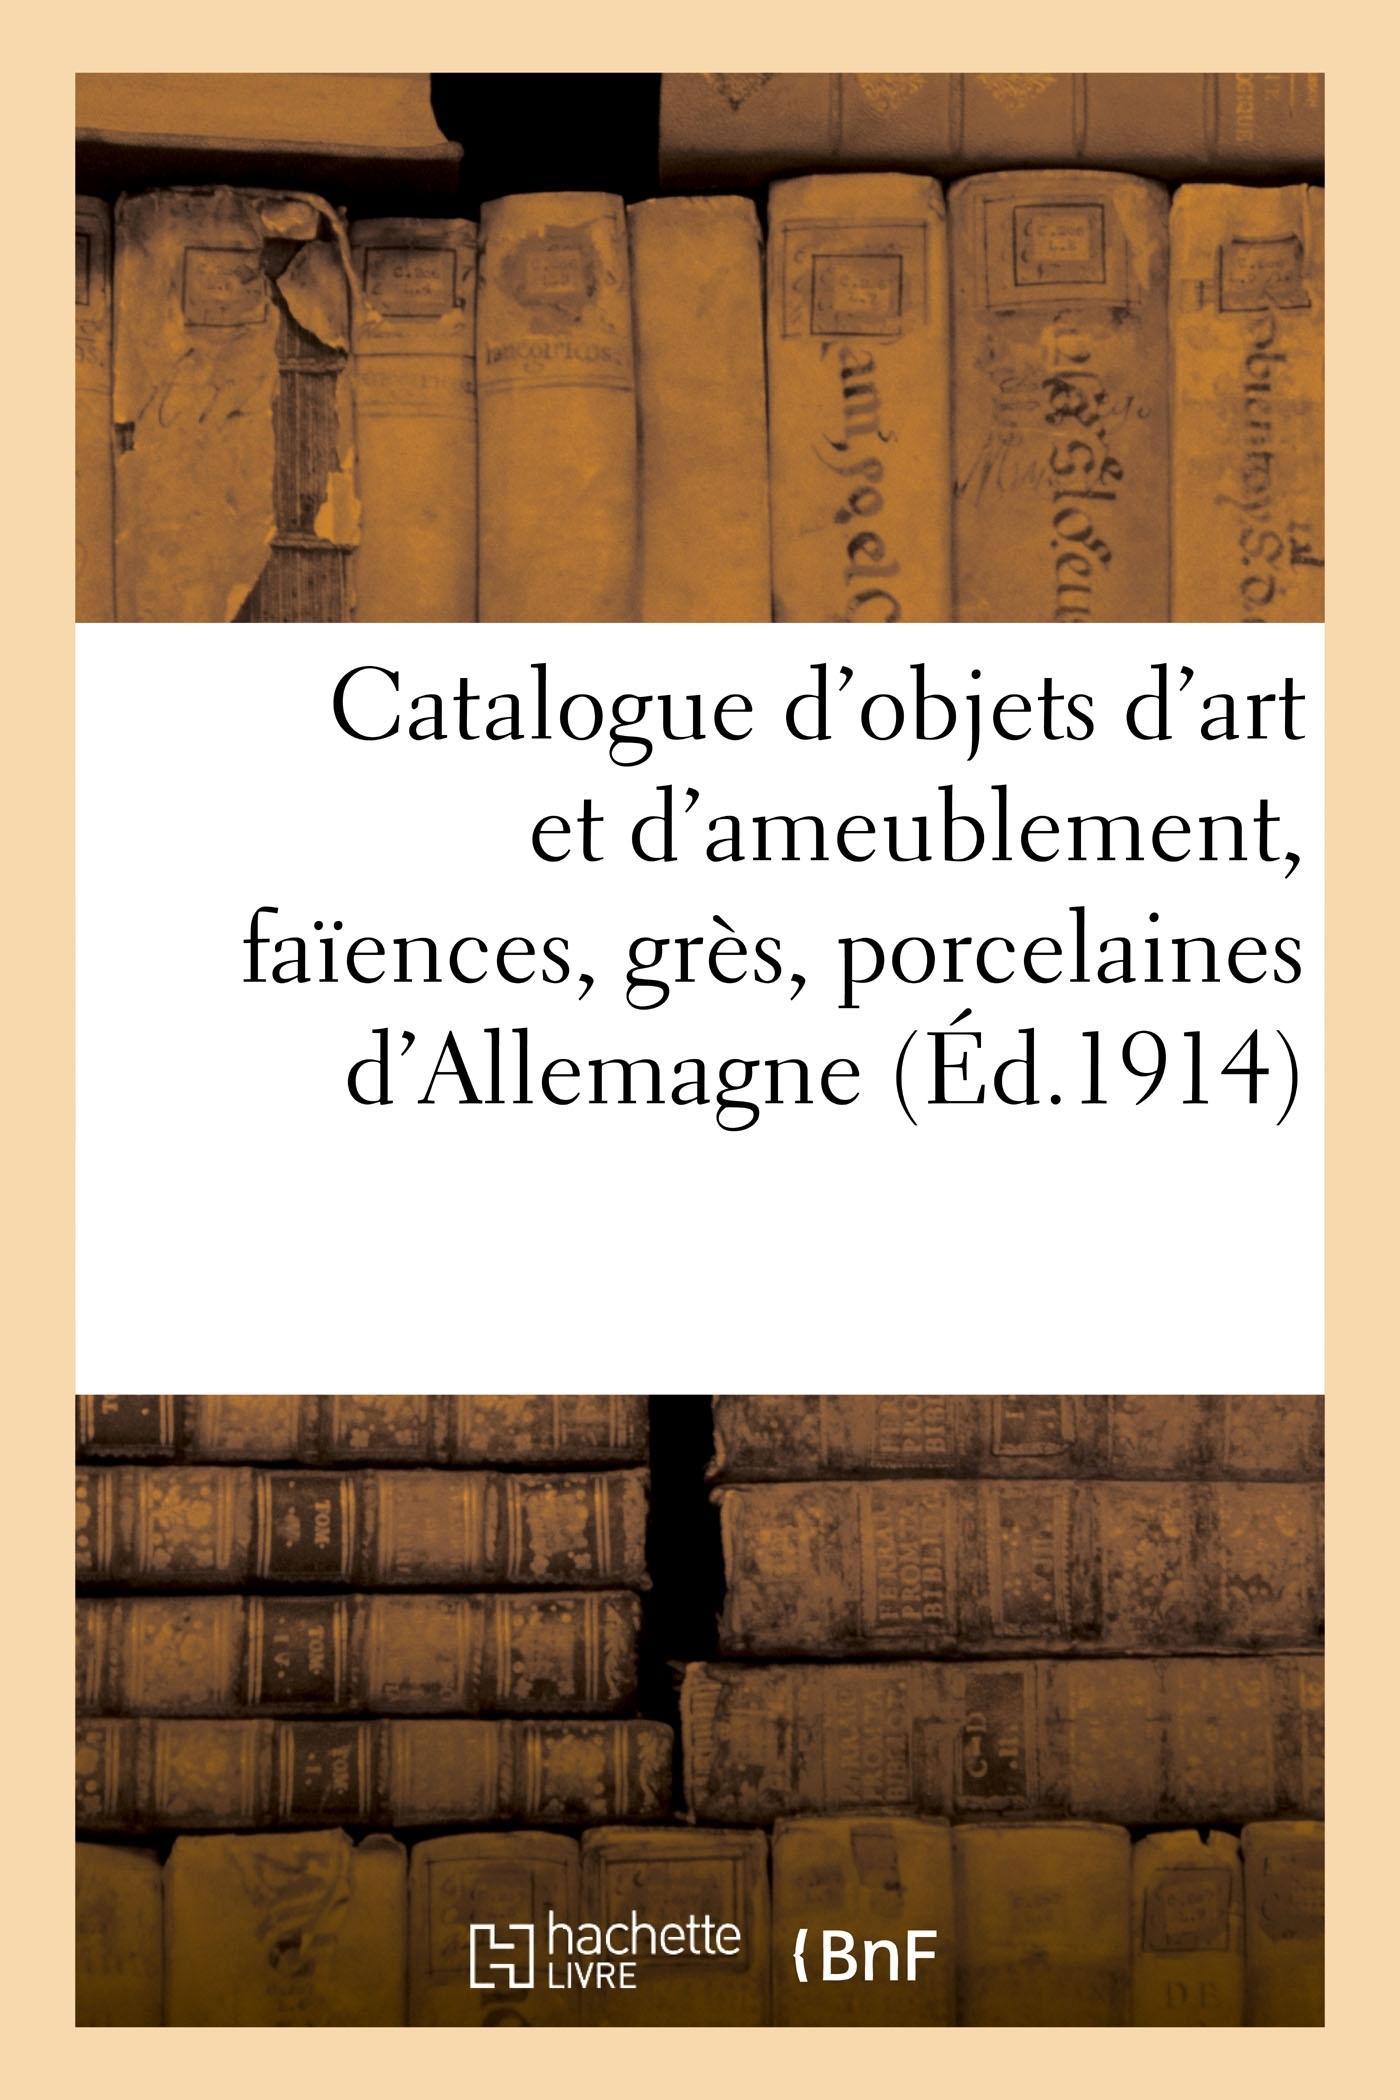 CATALOGUE D'OBJETS D'ART ET D'AMEUBLEMENT, FAIENCES, GRES, PORCELAINES D'ALLEMAGNE - OBJETS DE VITRI